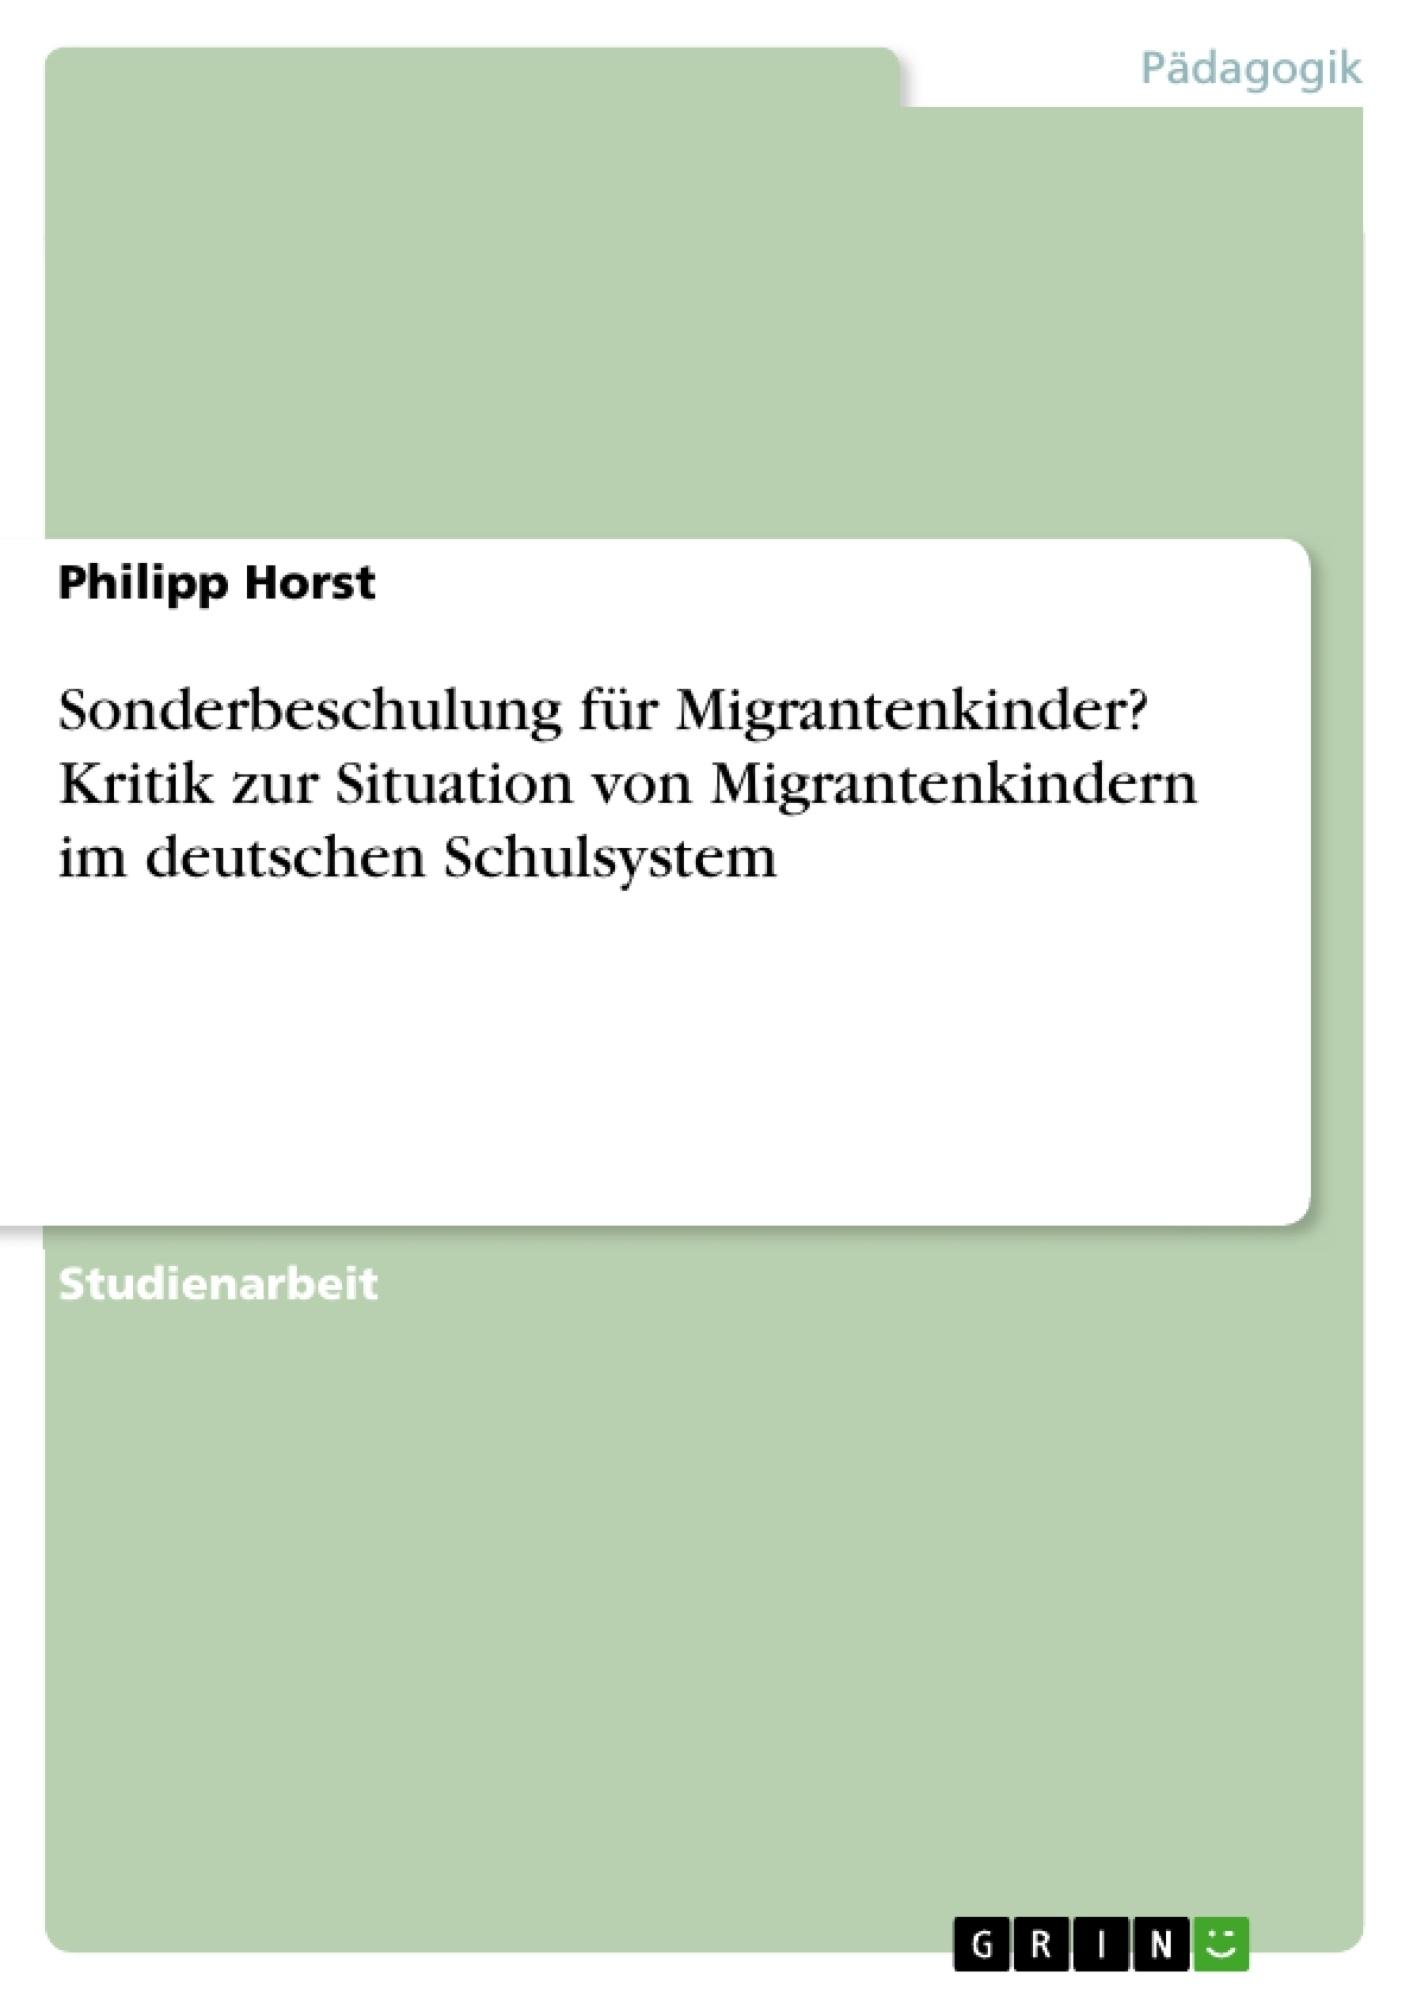 Titel: Sonderbeschulung für Migrantenkinder? Kritik zur Situation von Migrantenkindern im deutschen Schulsystem